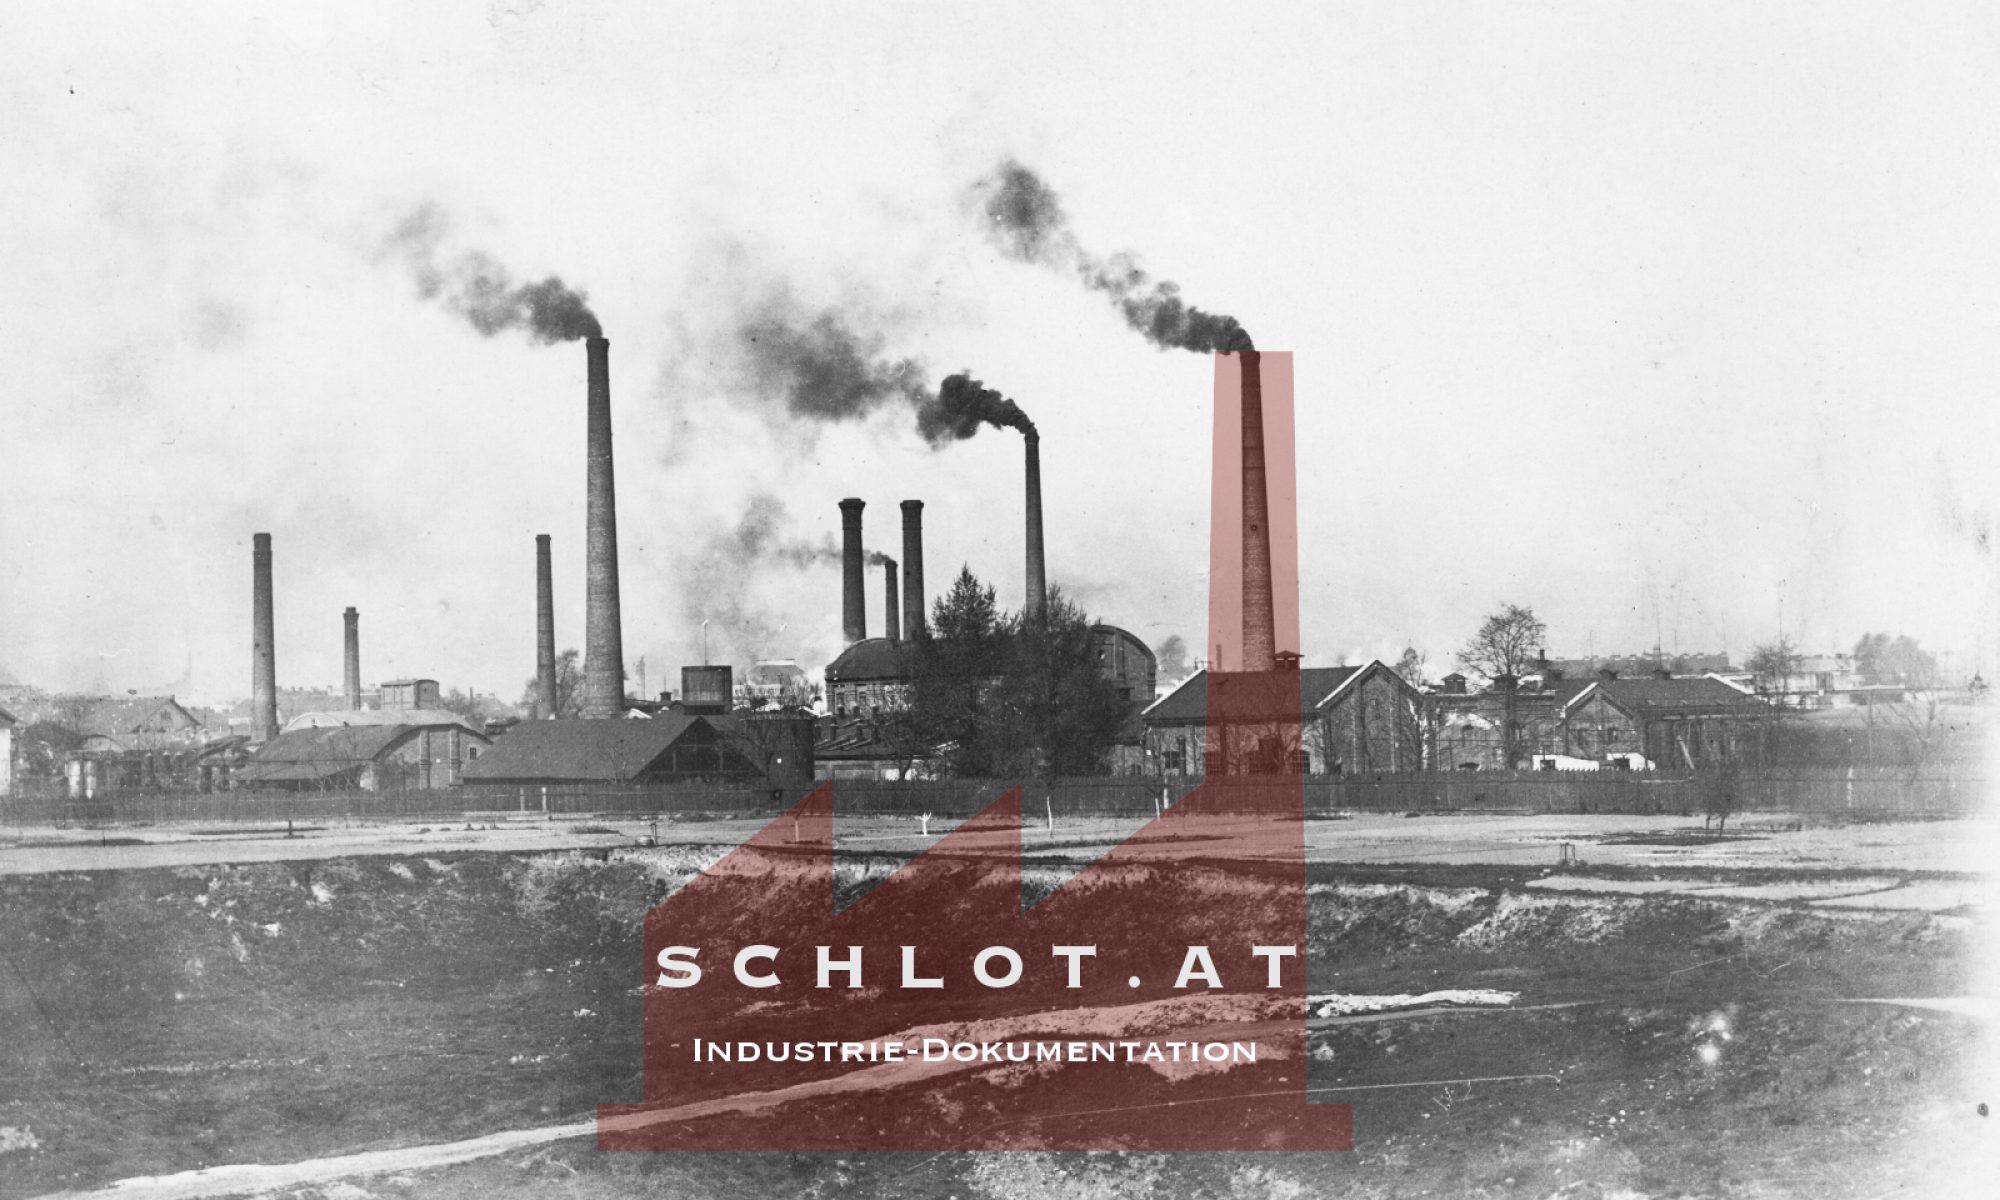 schlot.at